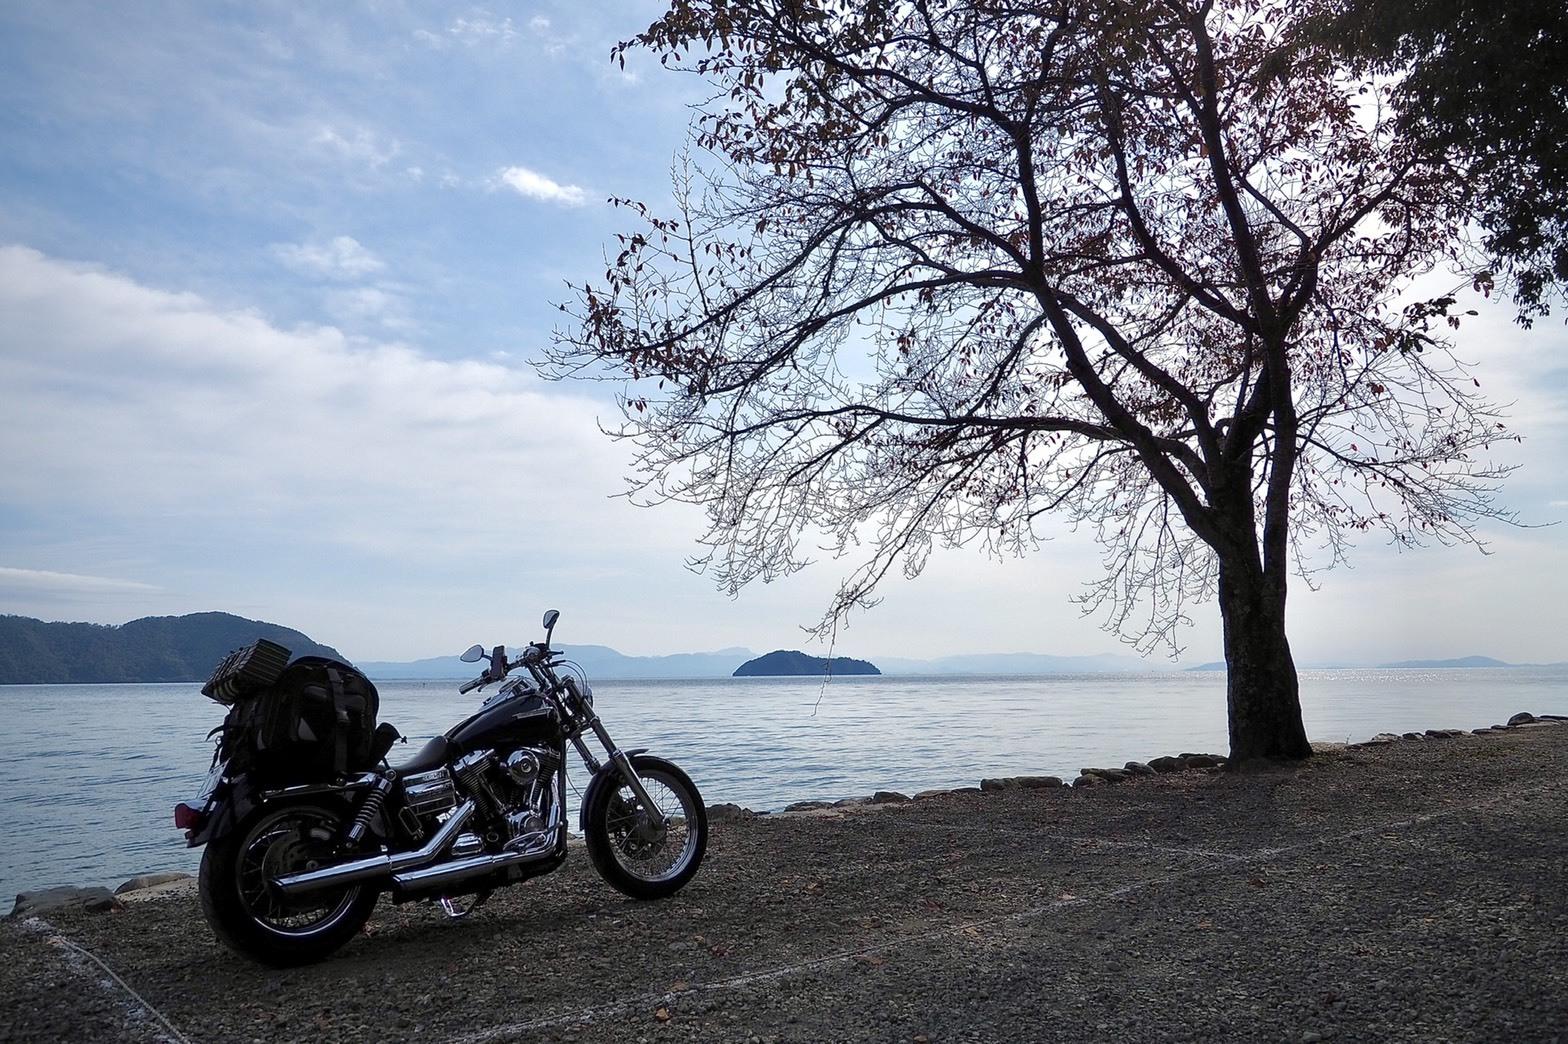 ぴーきちハーレーブログ 滋賀県 奥琵琶湖ツーリング キャンプ 二本松キャンプ場 琵琶湖の畔 撤収